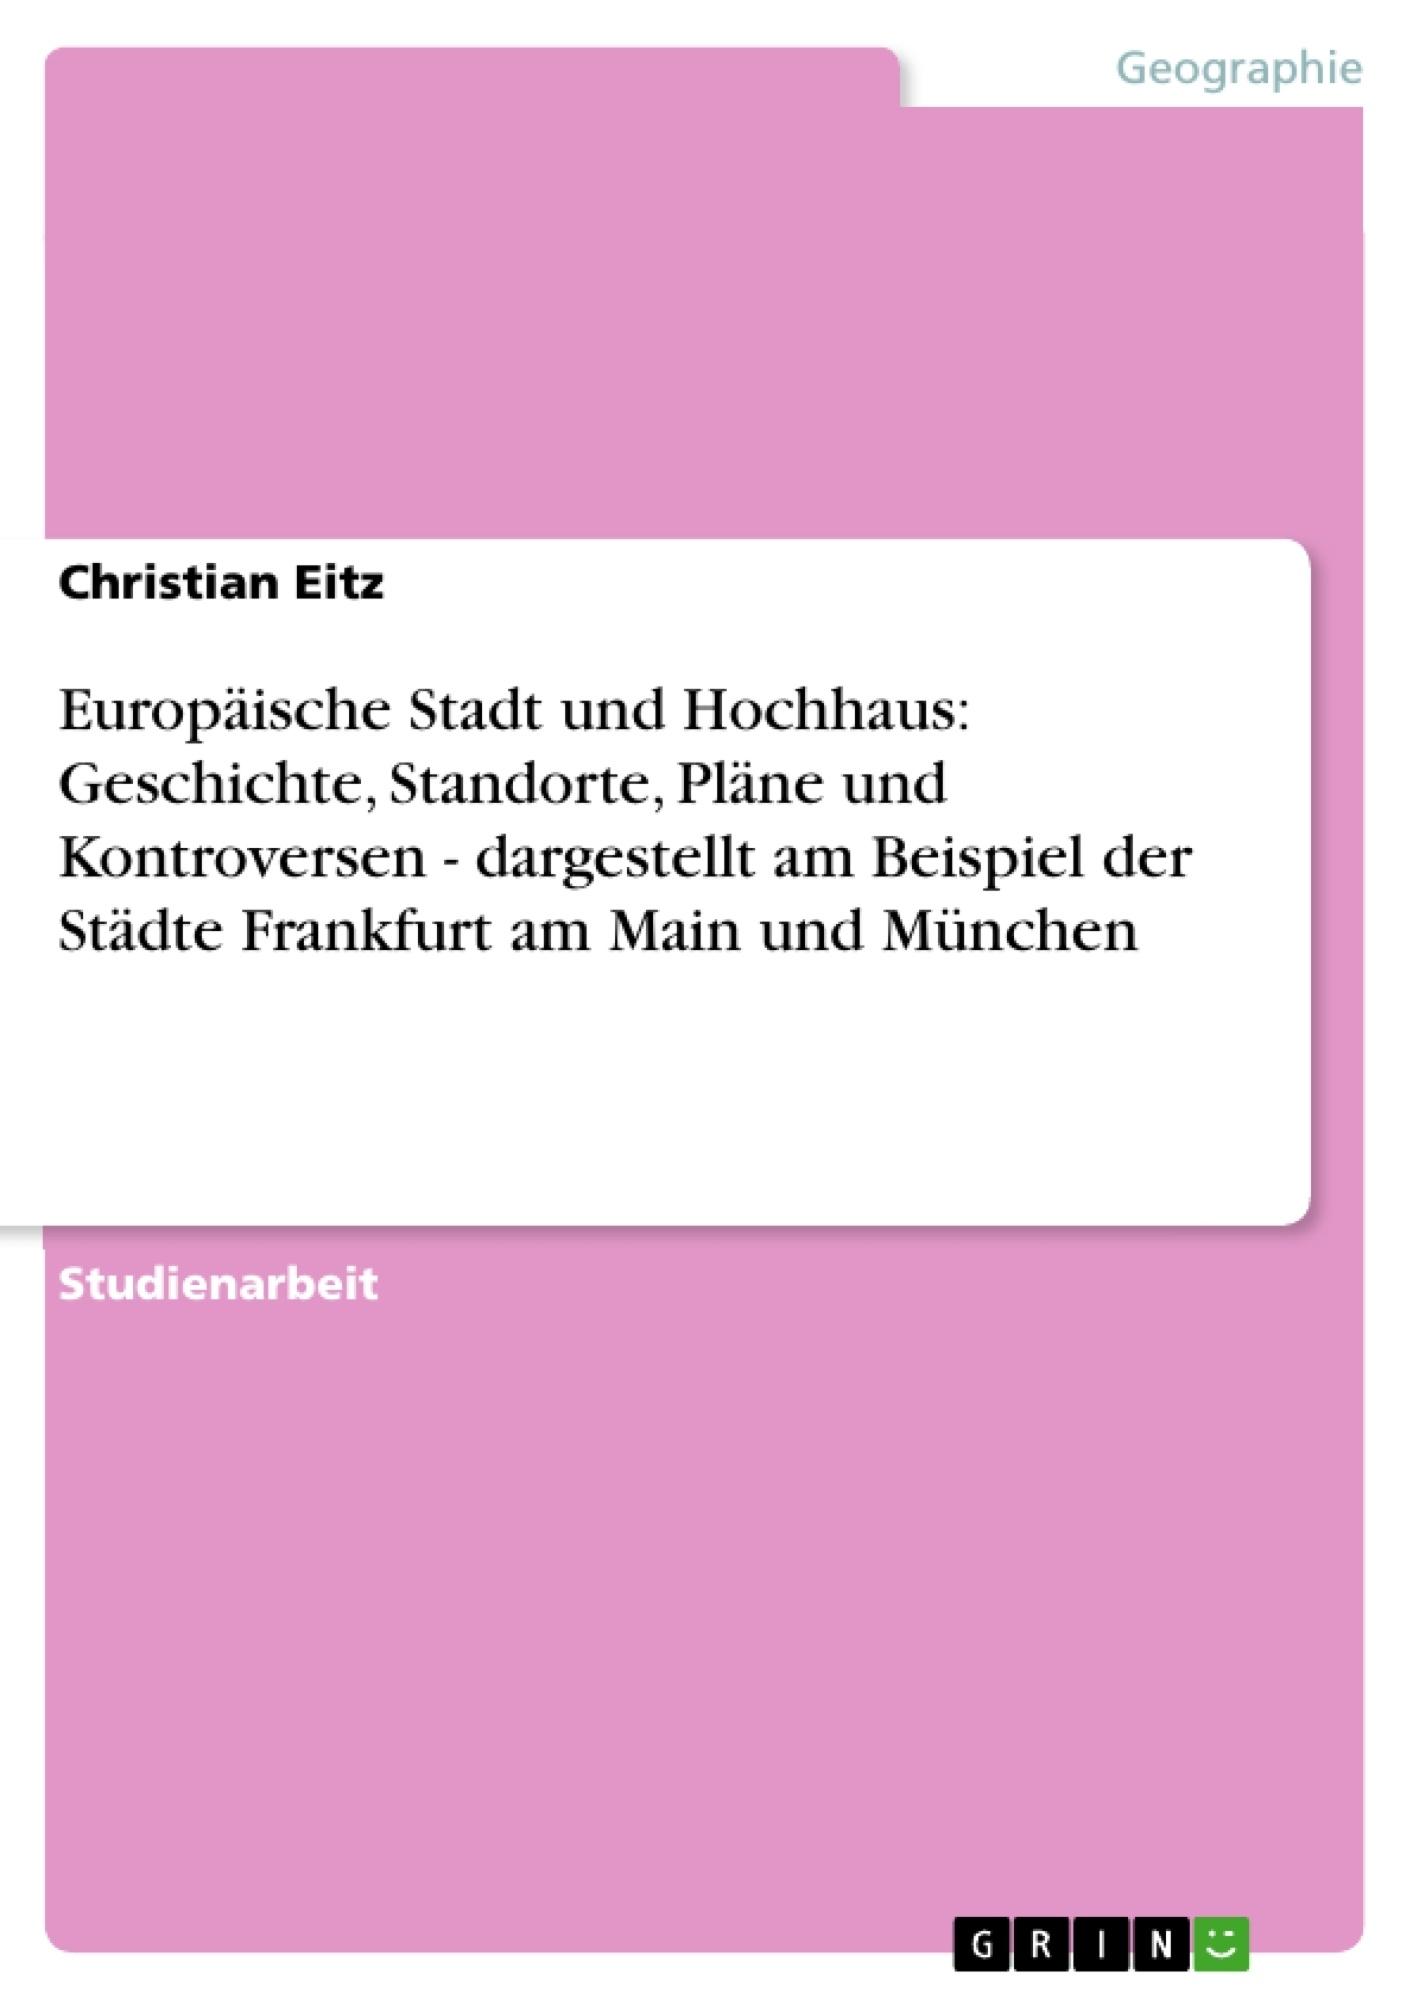 Titel: Europäische Stadt und Hochhaus: Geschichte, Standorte, Pläne und Kontroversen - dargestellt am Beispiel der Städte Frankfurt am Main und München